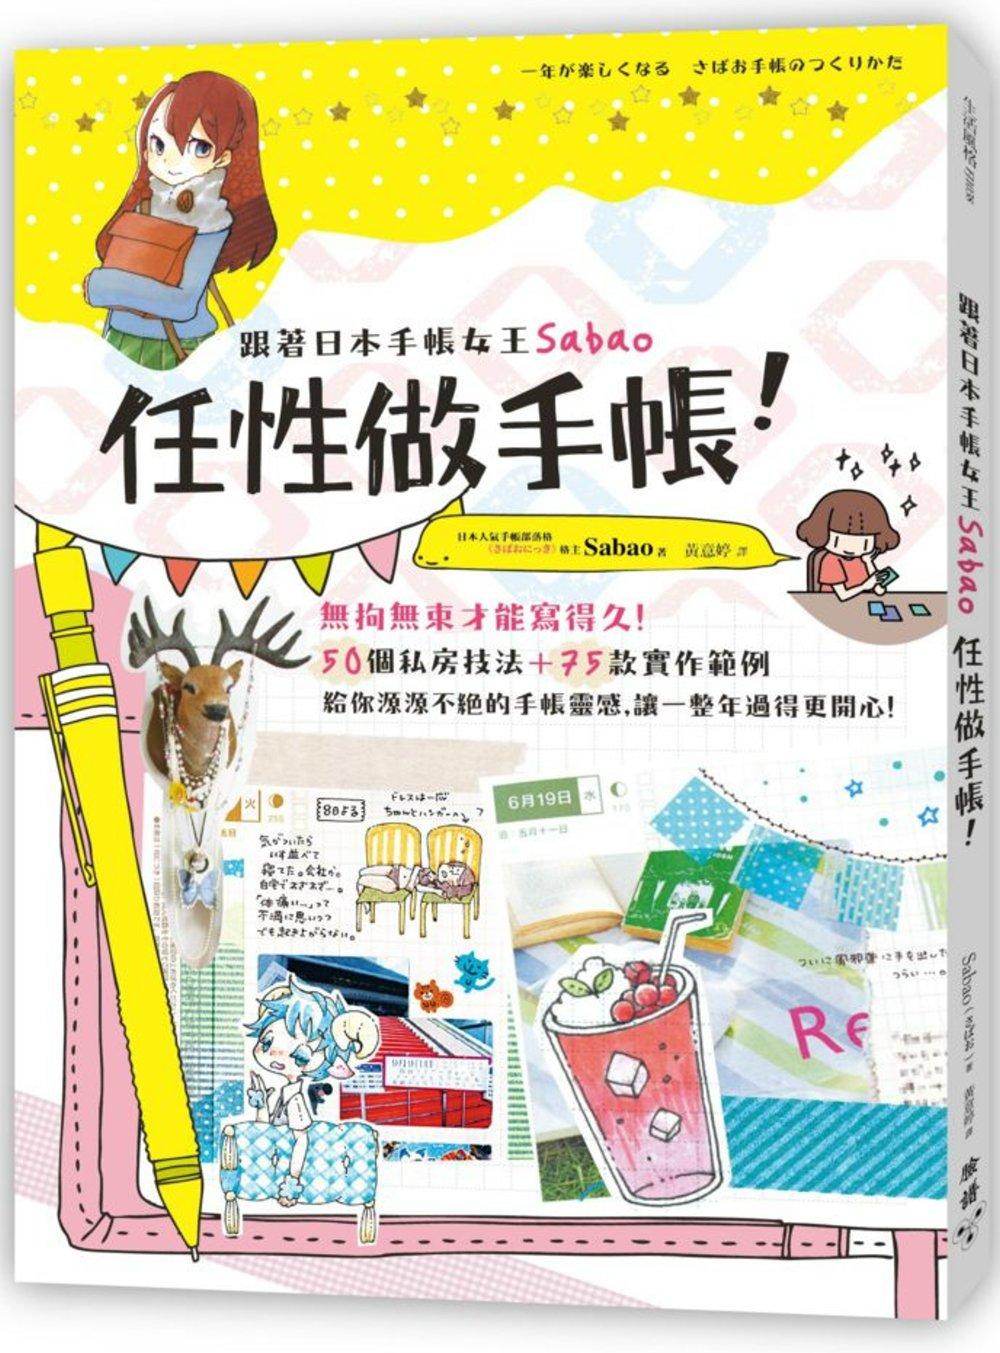 跟著日本手帳女王Sabao「任性做手帳」!:無拘無束才能寫得久!50個私房技法+75款實作範例,給你源源不絕的手帳靈感,讓一整年過得更開心!